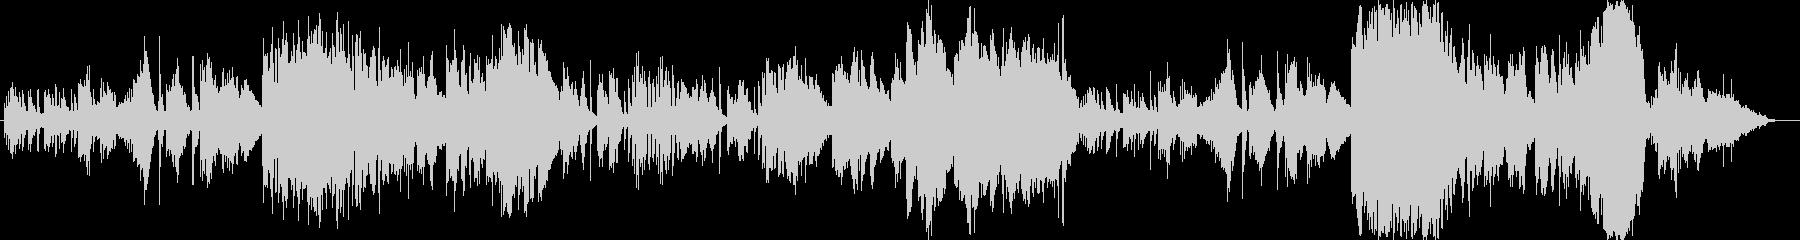 2009年の秋頃に製作したオリジナル曲…の未再生の波形